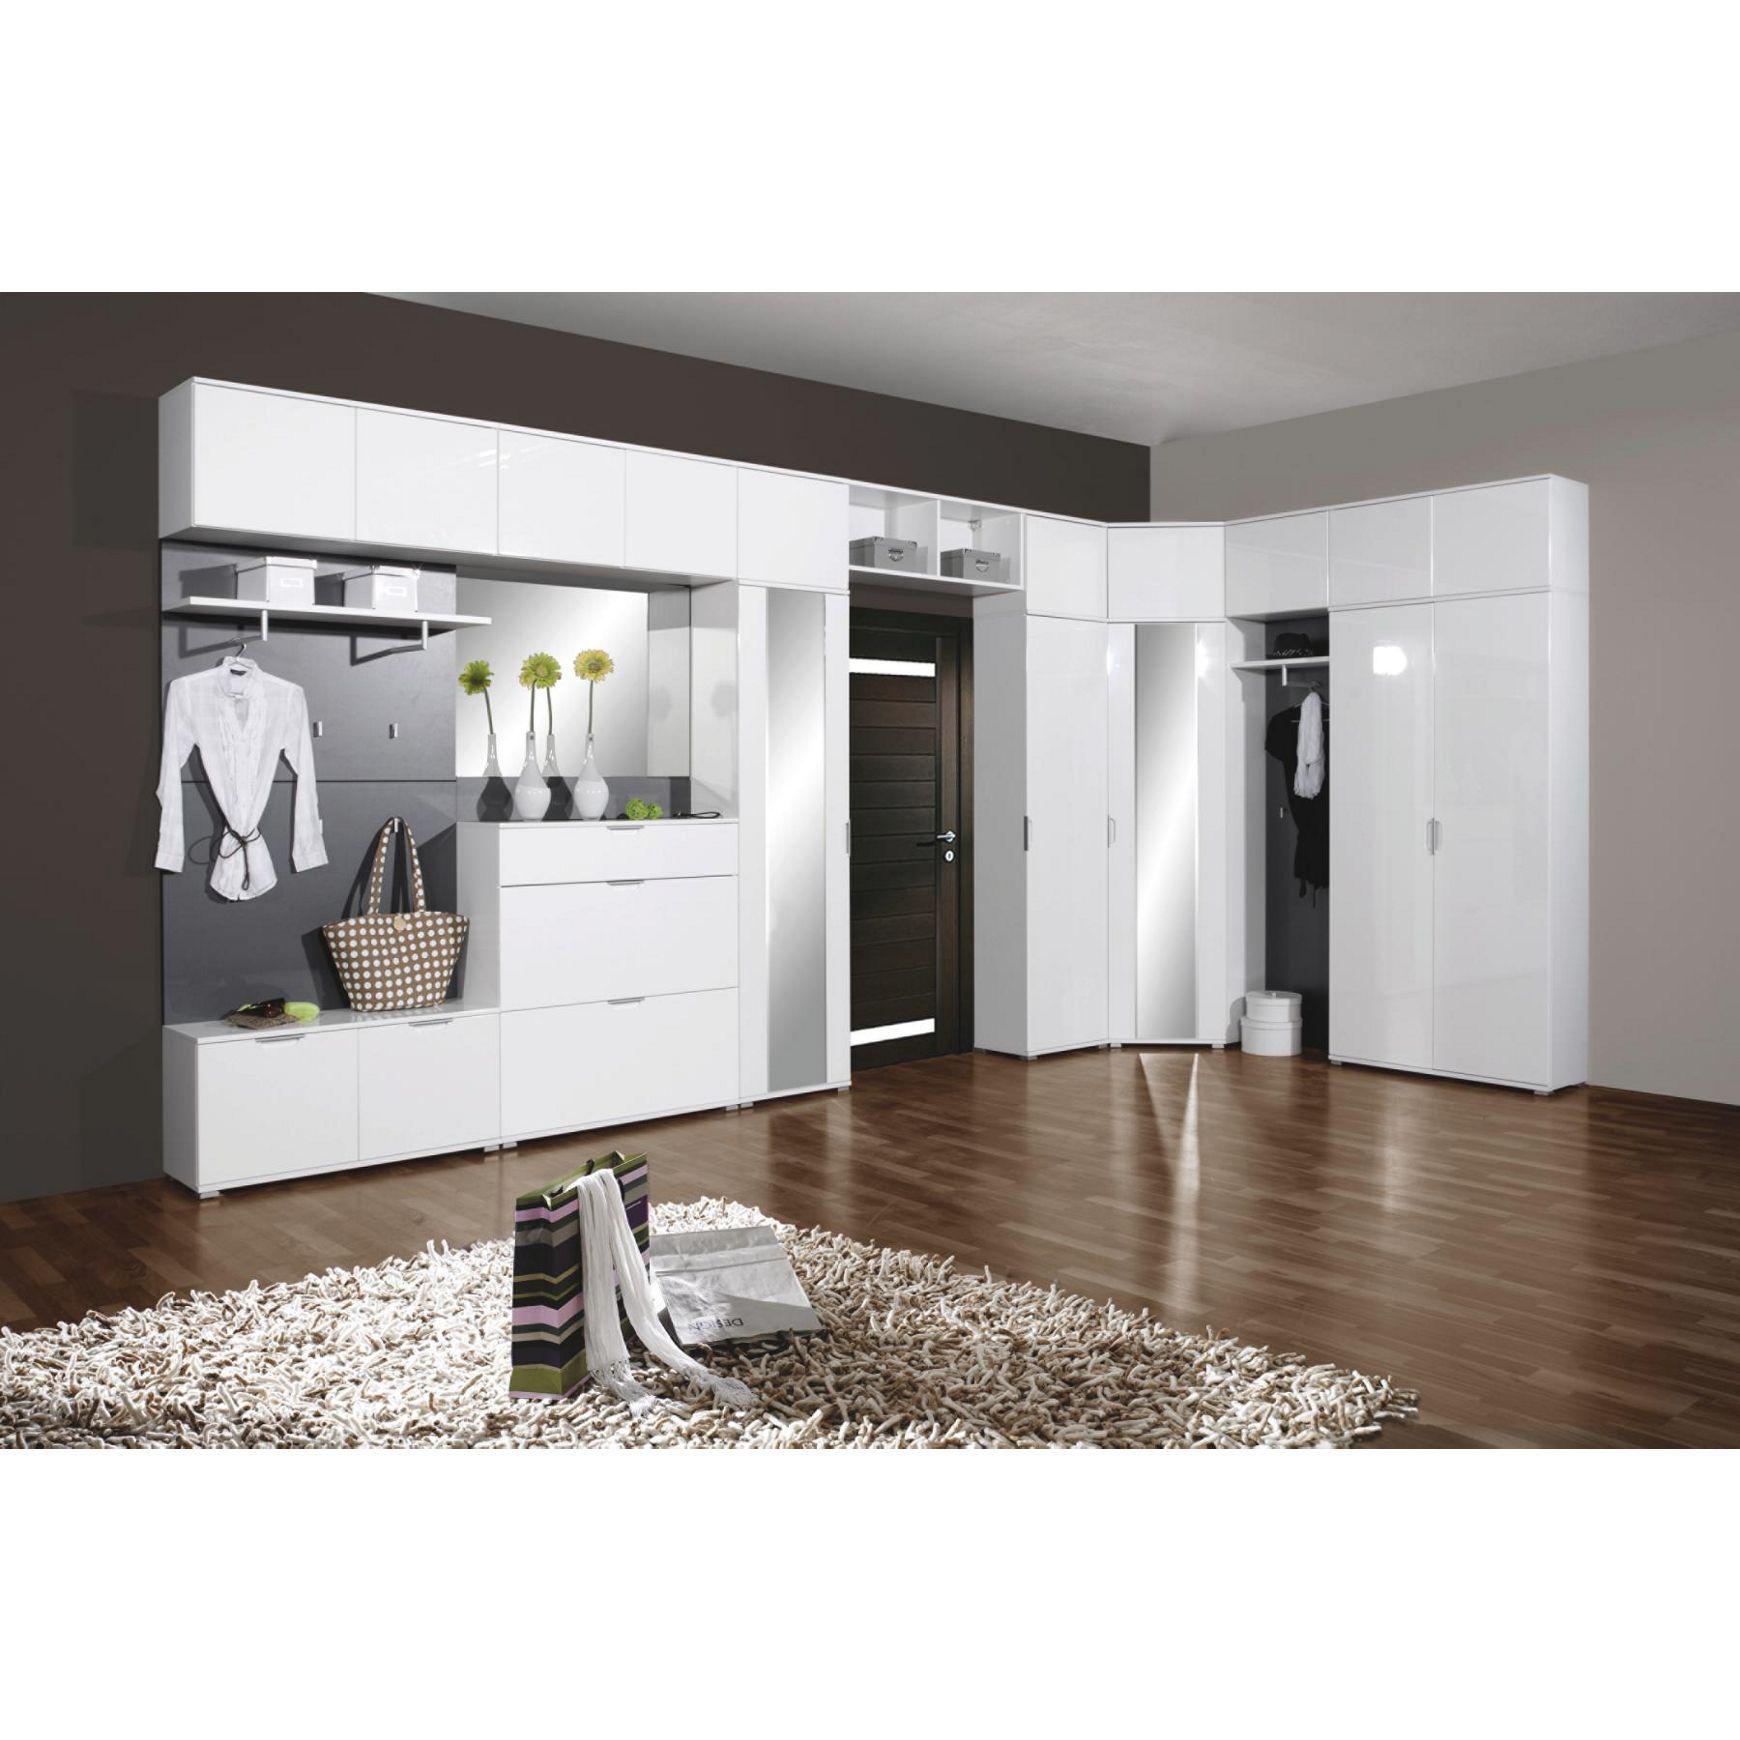 7 teilige garderobe in wei und grau von novel multifunktionell und modern gaderobe in 2018. Black Bedroom Furniture Sets. Home Design Ideas